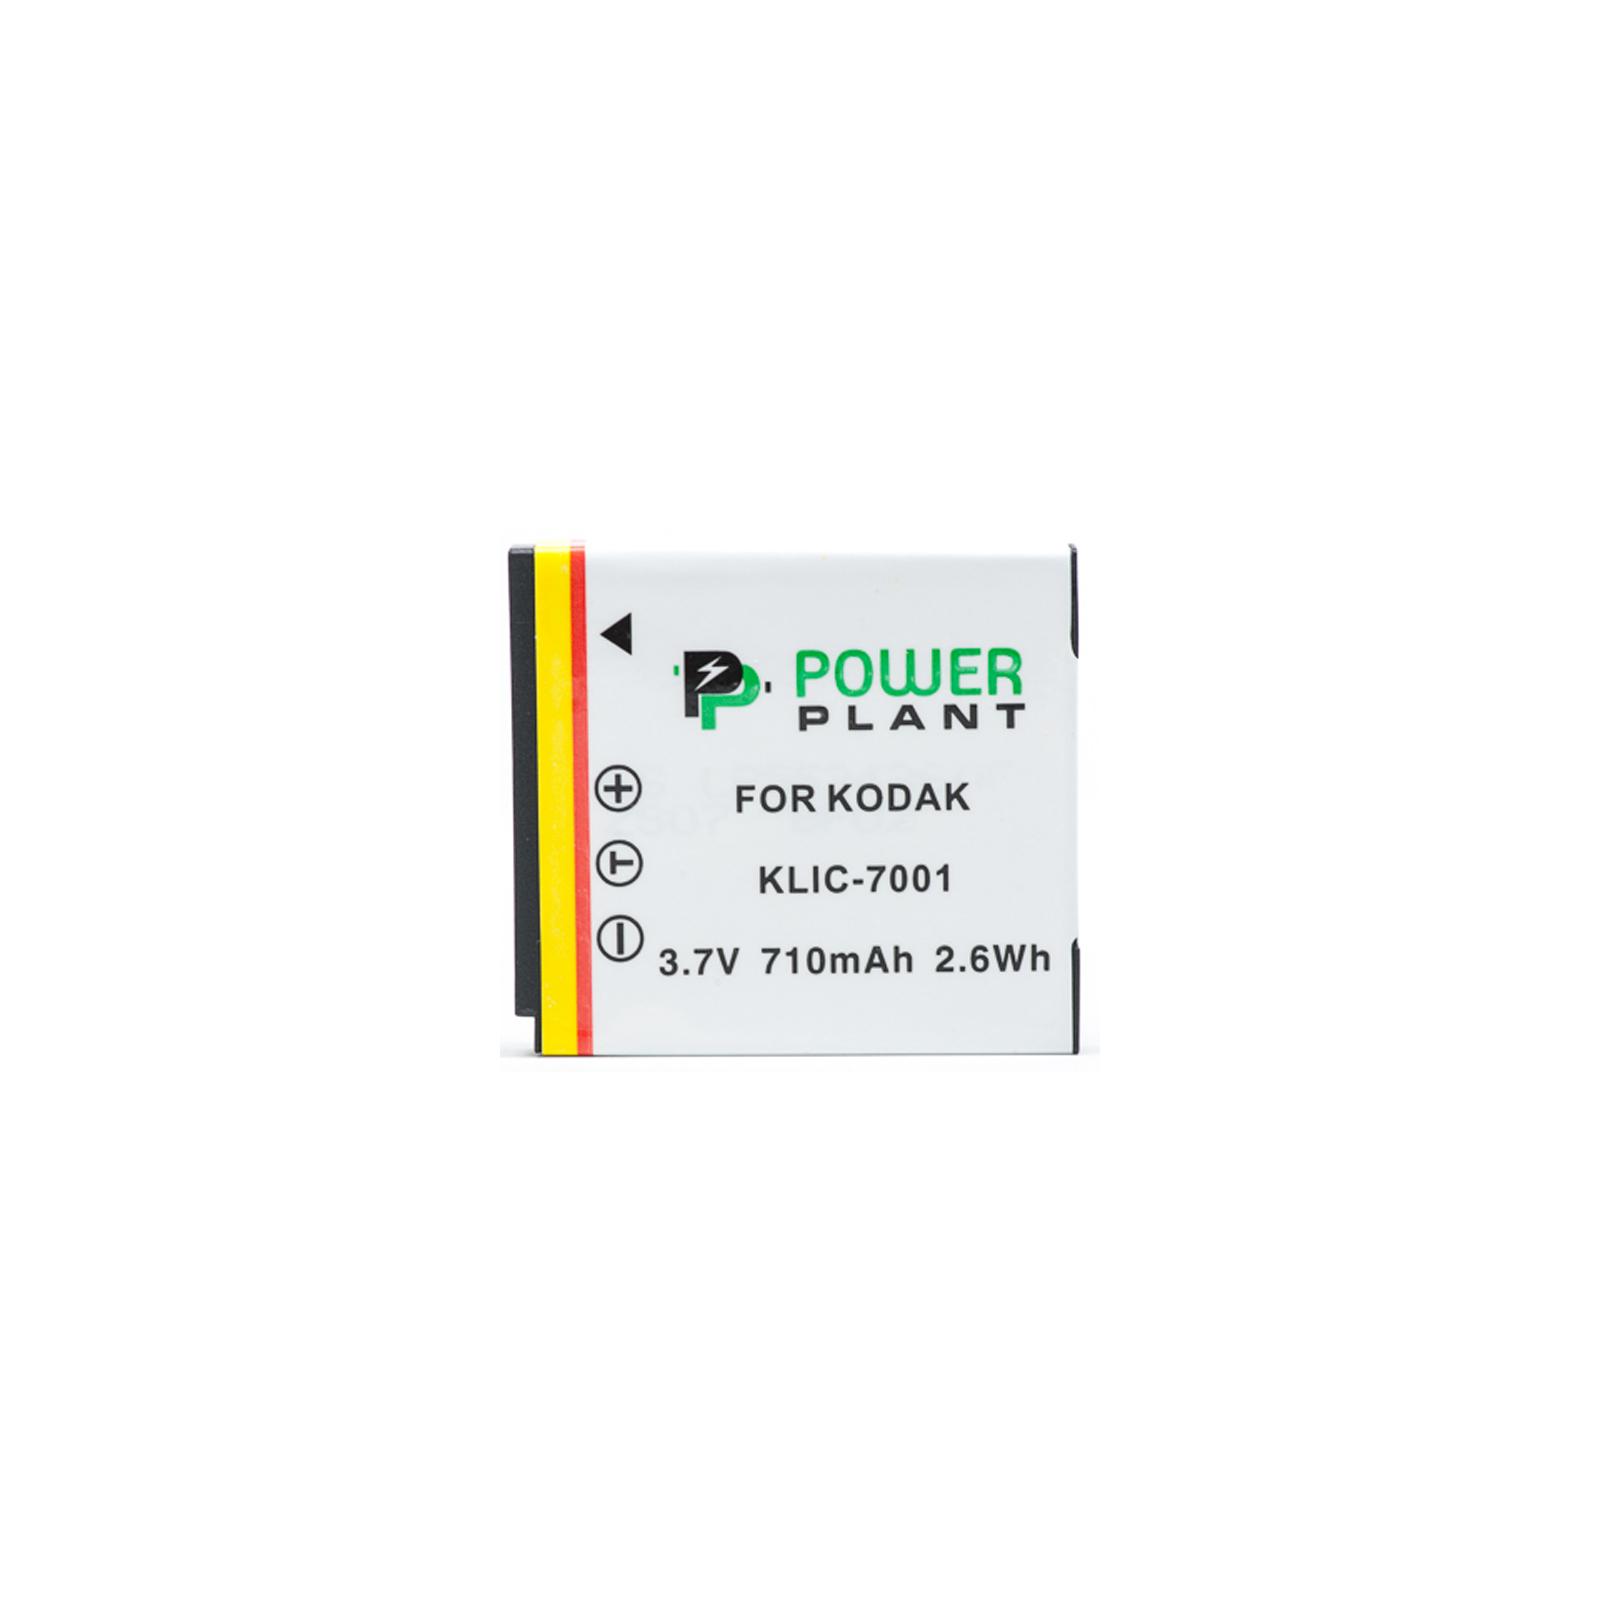 Аккумулятор к фото/видео PowerPlant Kodak KLIC-7001 (DV00DV1153) изображение 2